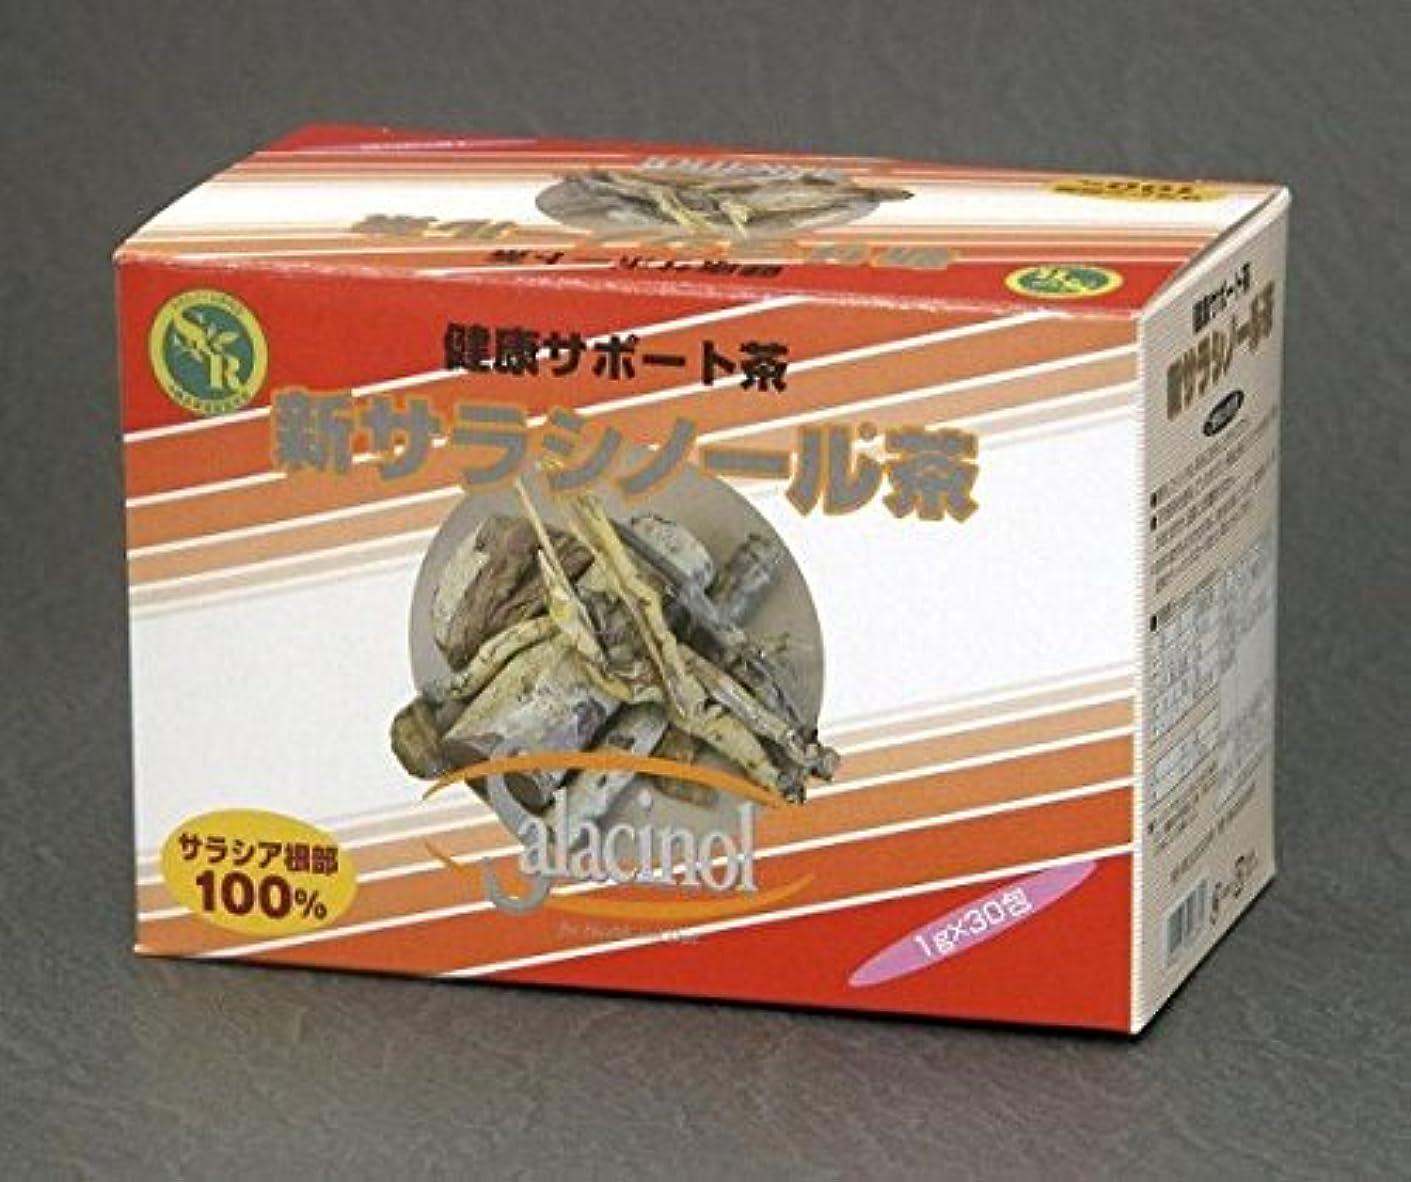 環境保護主義者ツーリスト良い新サラシノール茶 1×30包